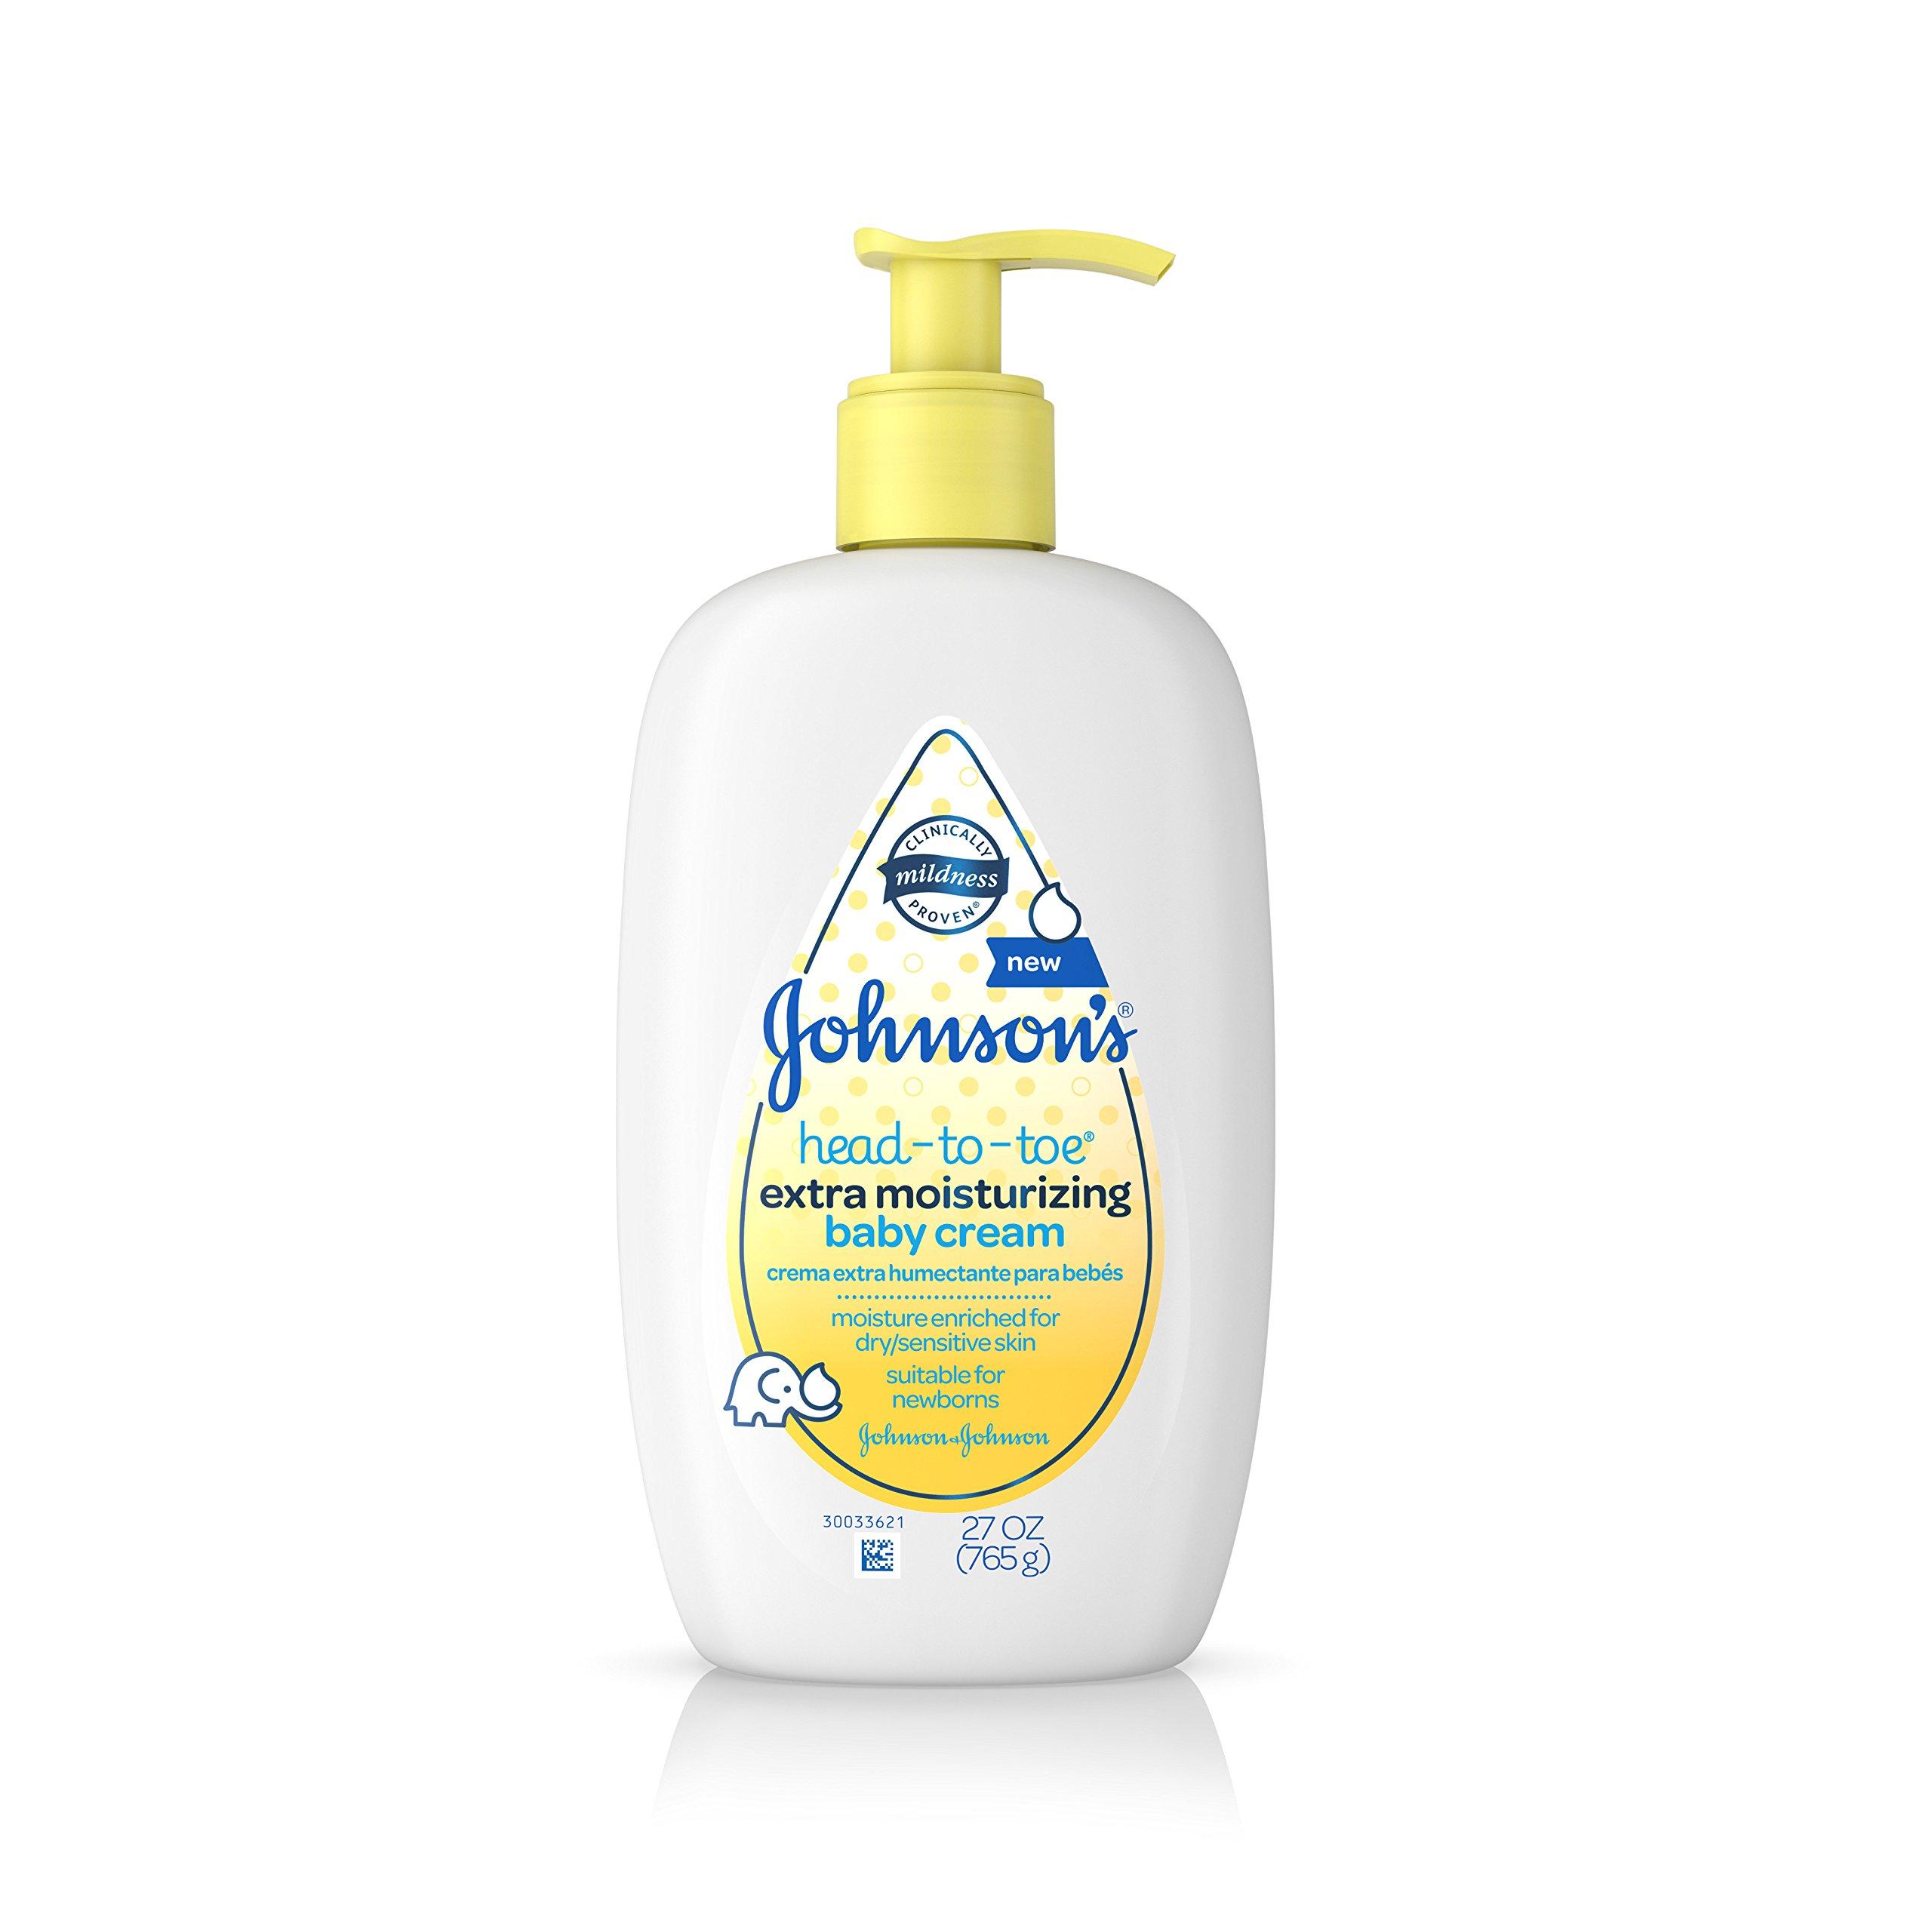 Johnson's Head-to-Toe Extra Moisturizing Baby Cream, 27 Oz by Aveeno Baby